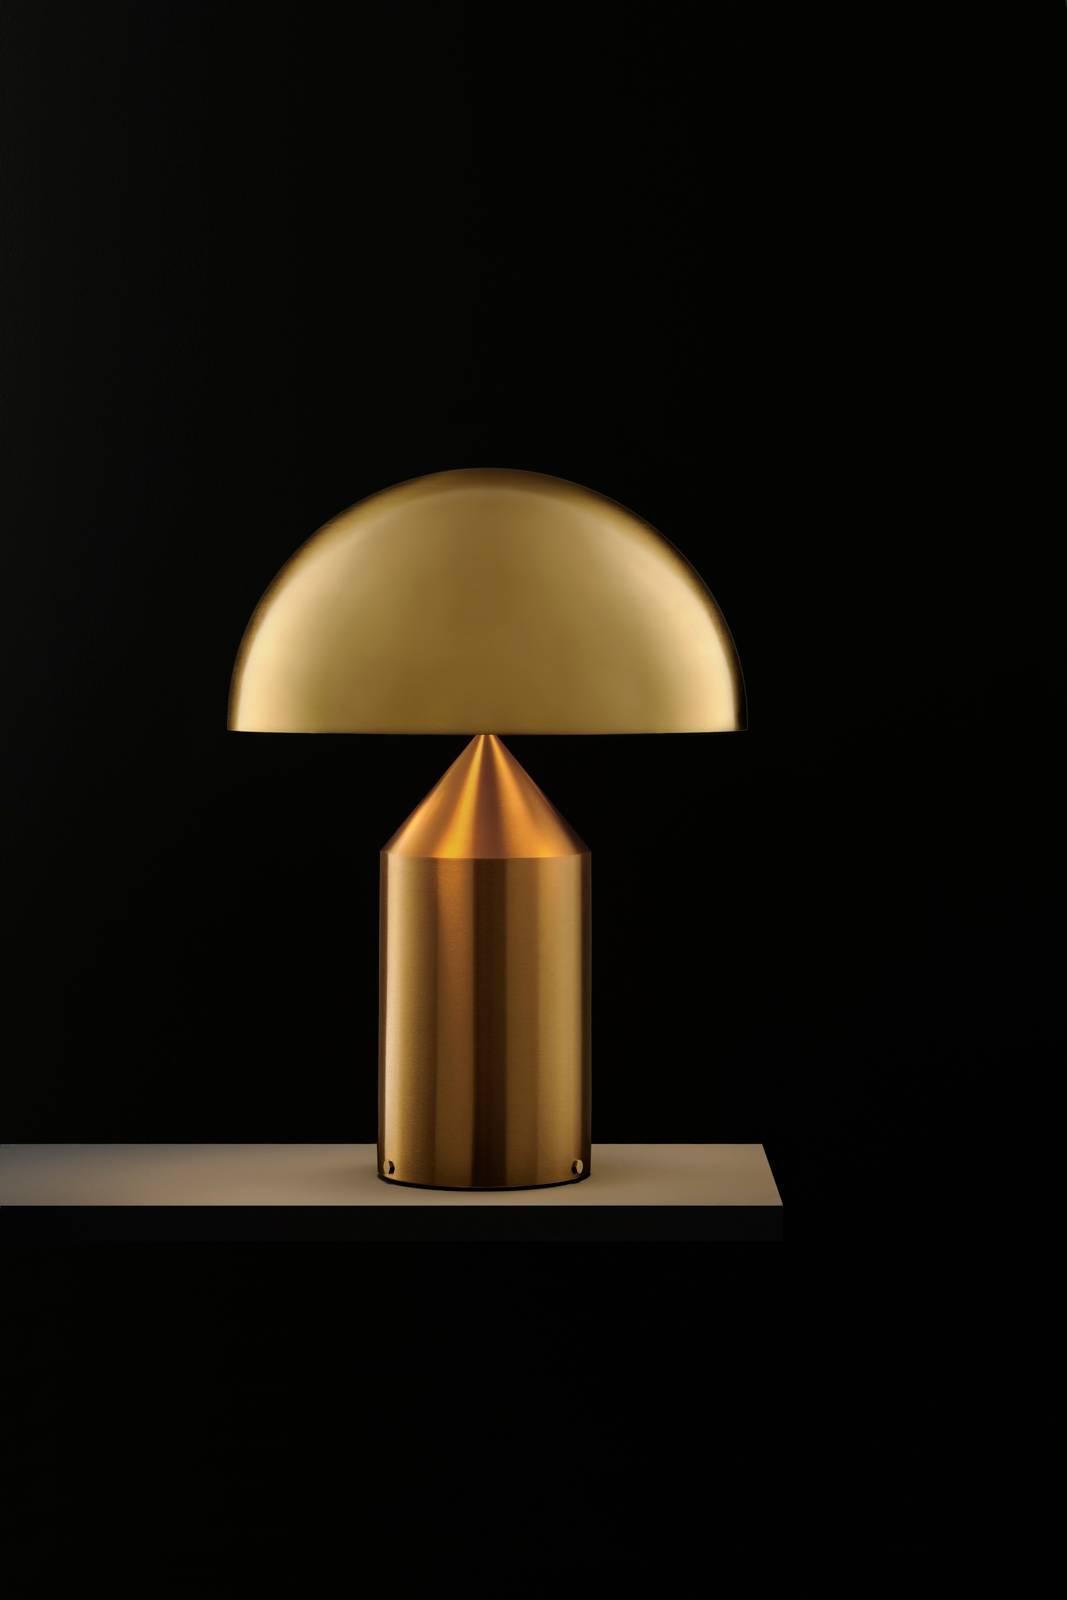 Lampade da tavolo, praticità e atmosfera Cose di Casa